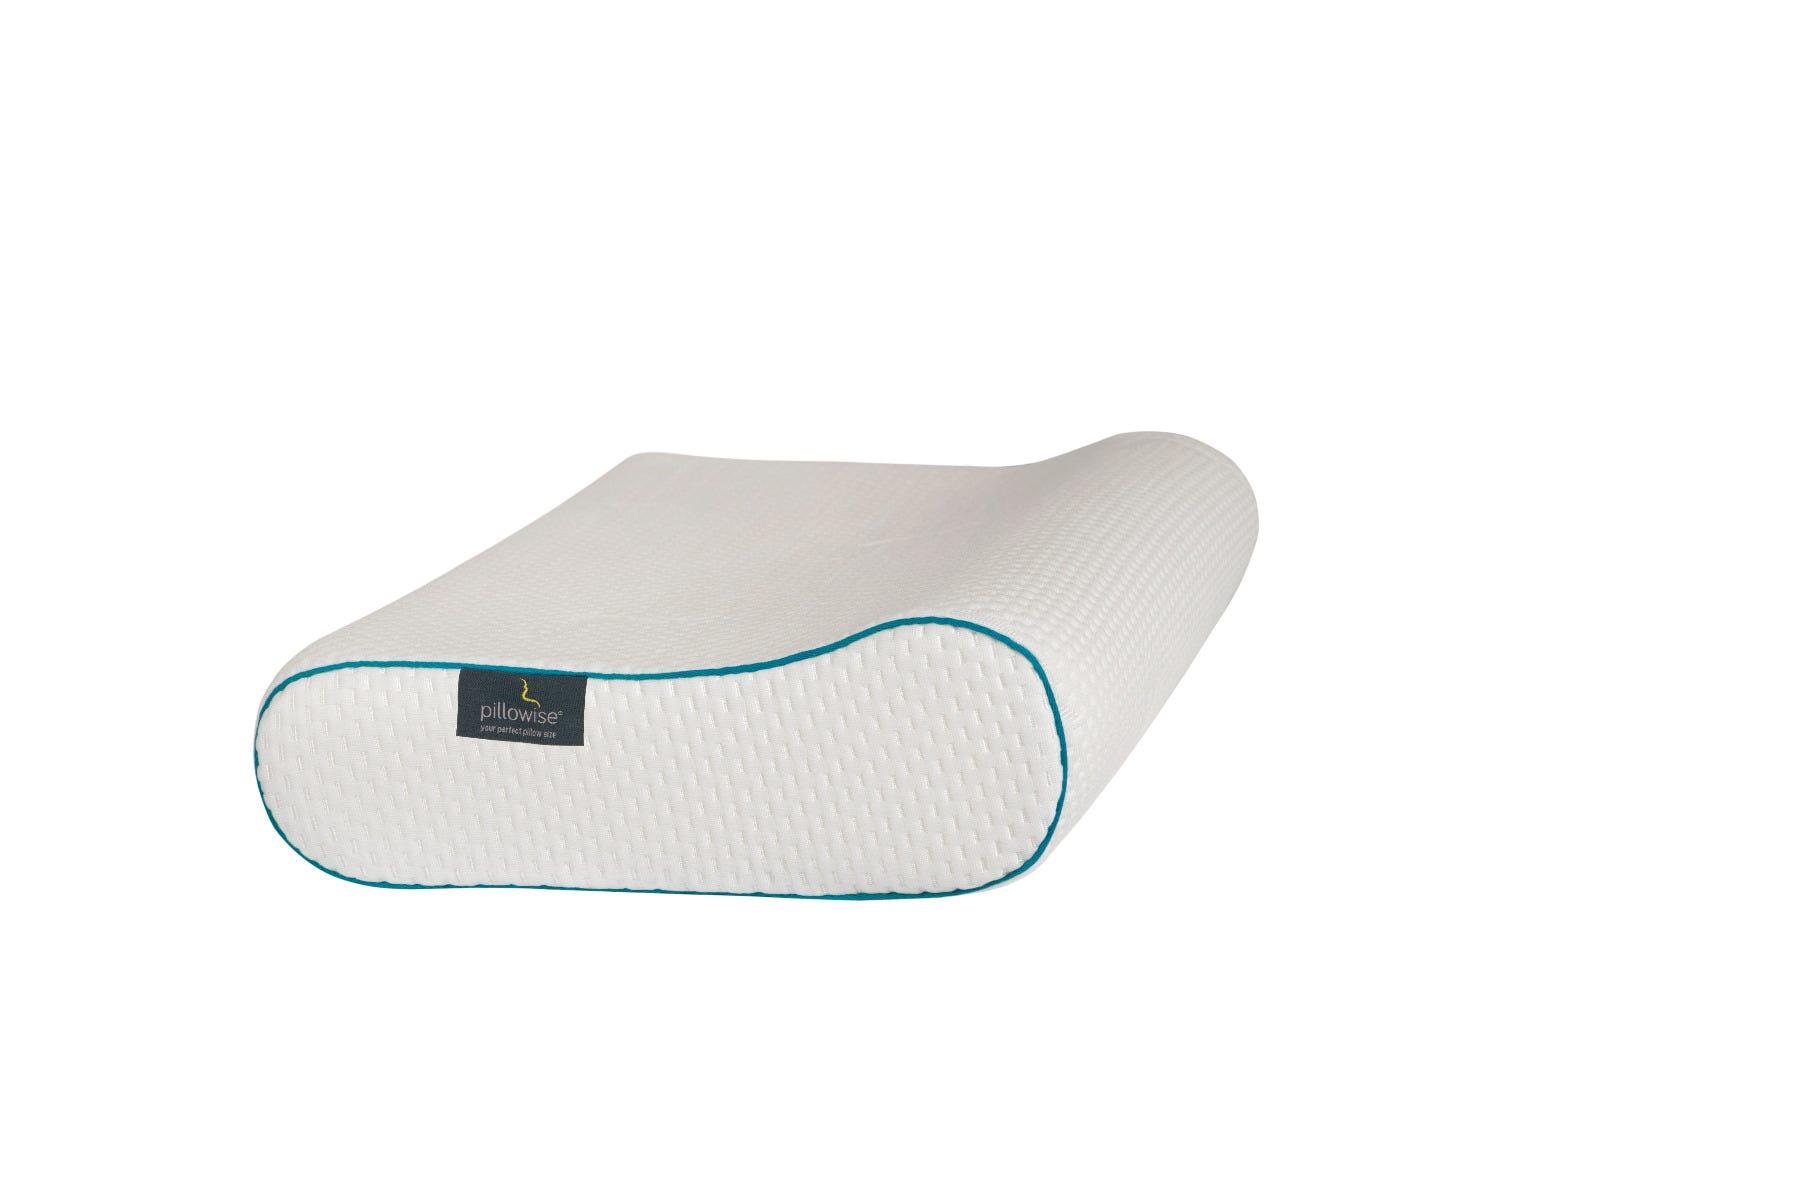 Almohada terapéutica de poliuretano Pillowise® color azul